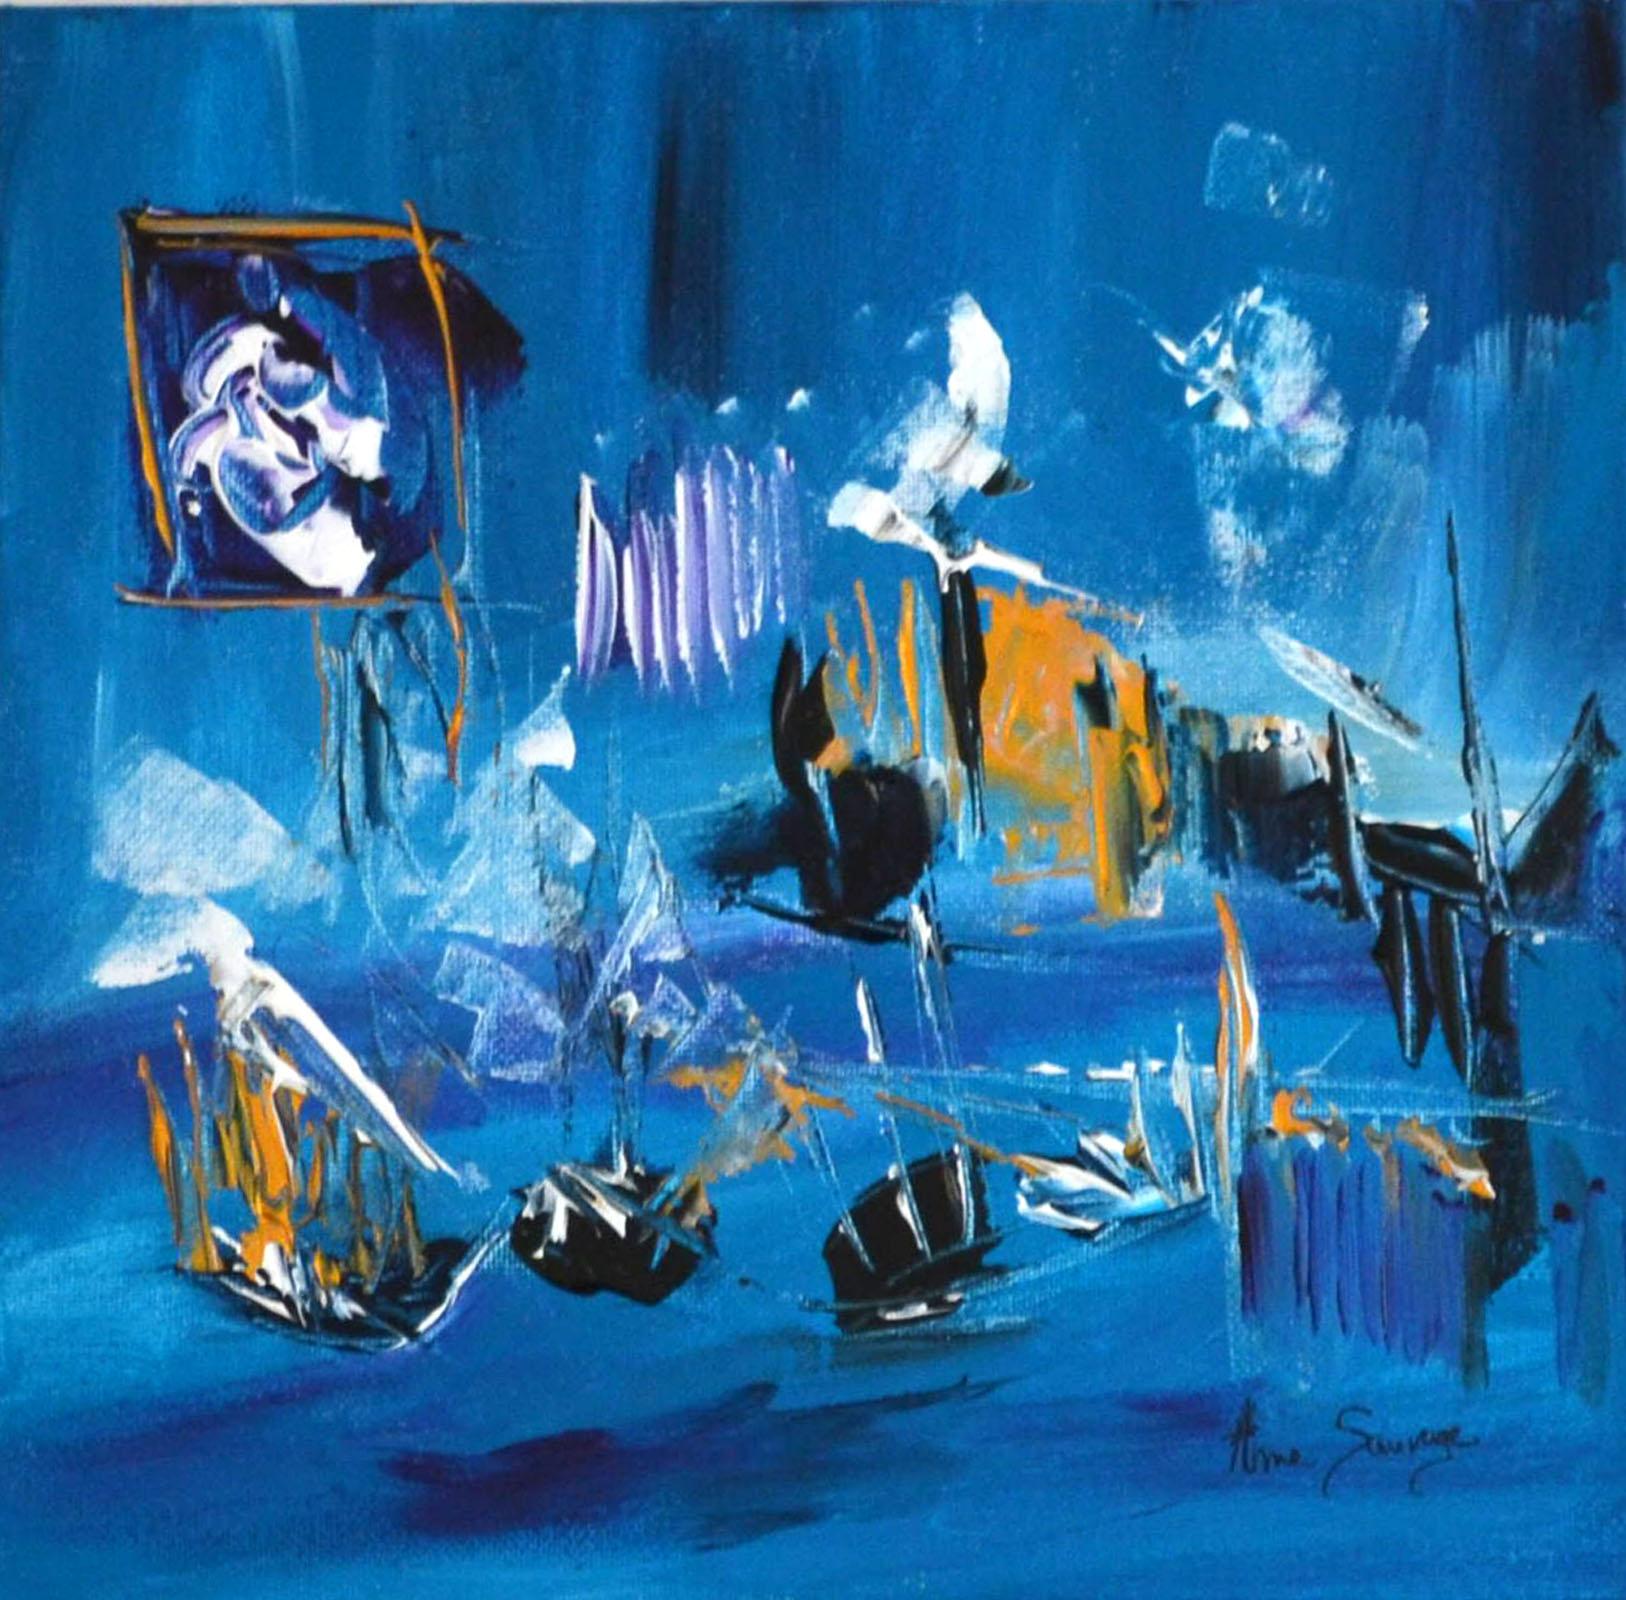 peinture abstraite bleu turquoise